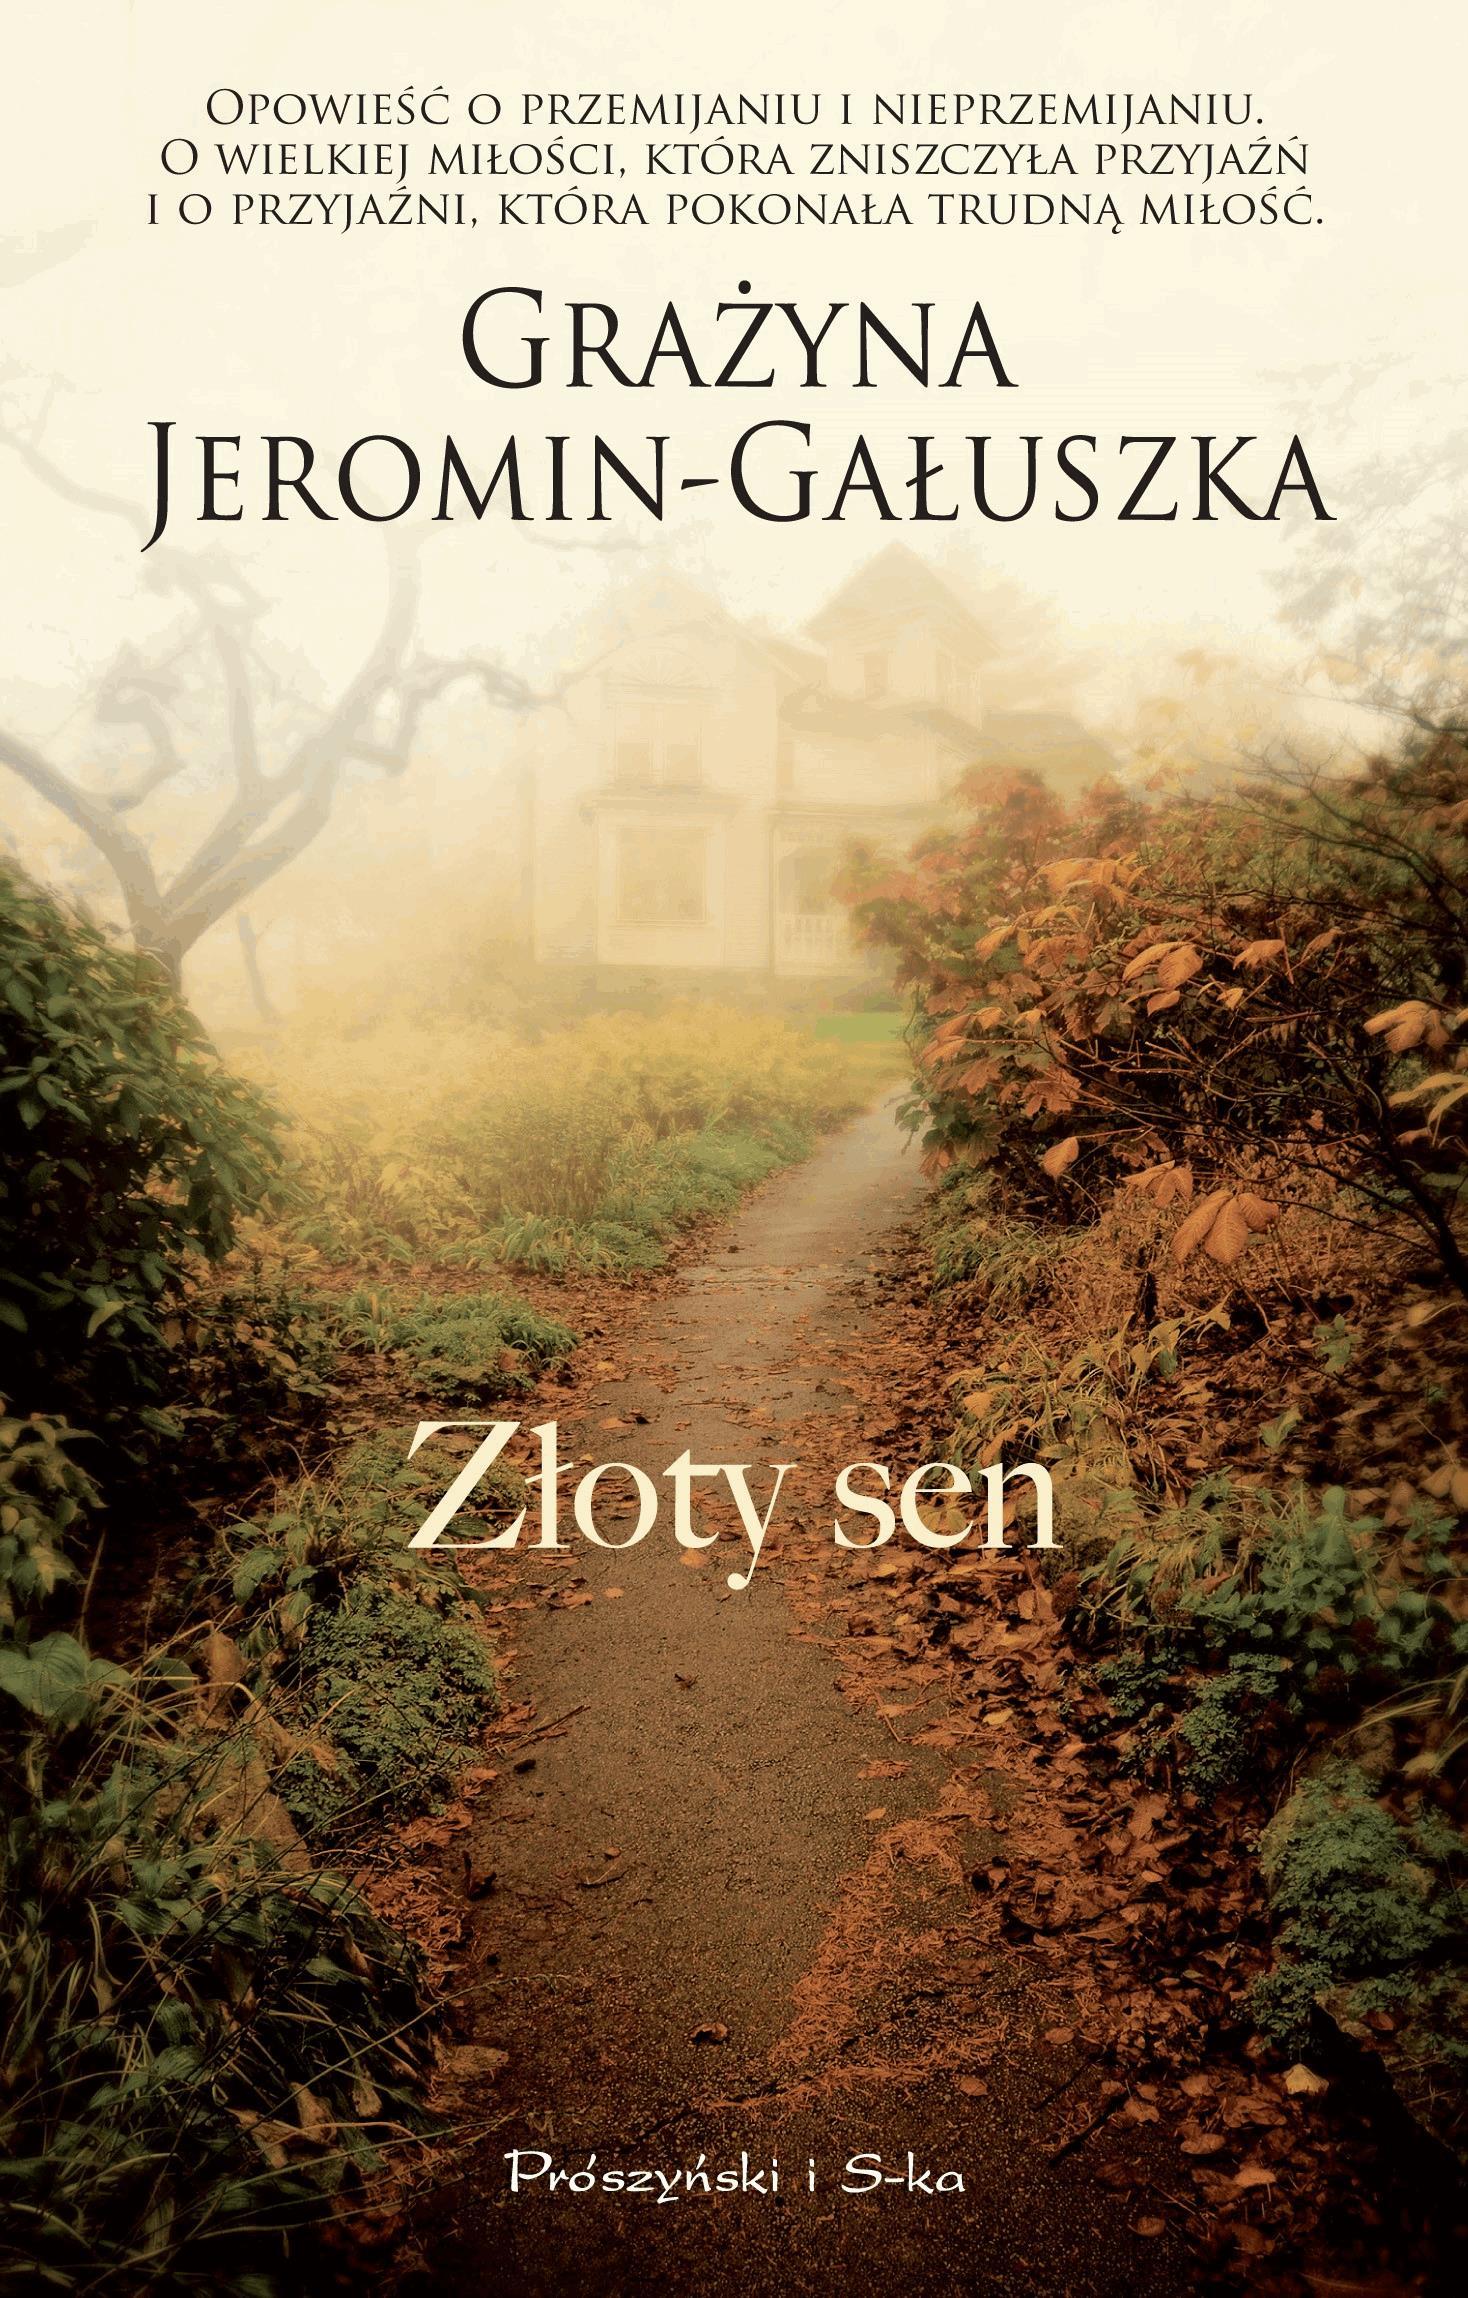 Złoty sen - Tylko w Legimi możesz przeczytać ten tytuł przez 7 dni za darmo. - Grażyna Jeromin-Gałuszka